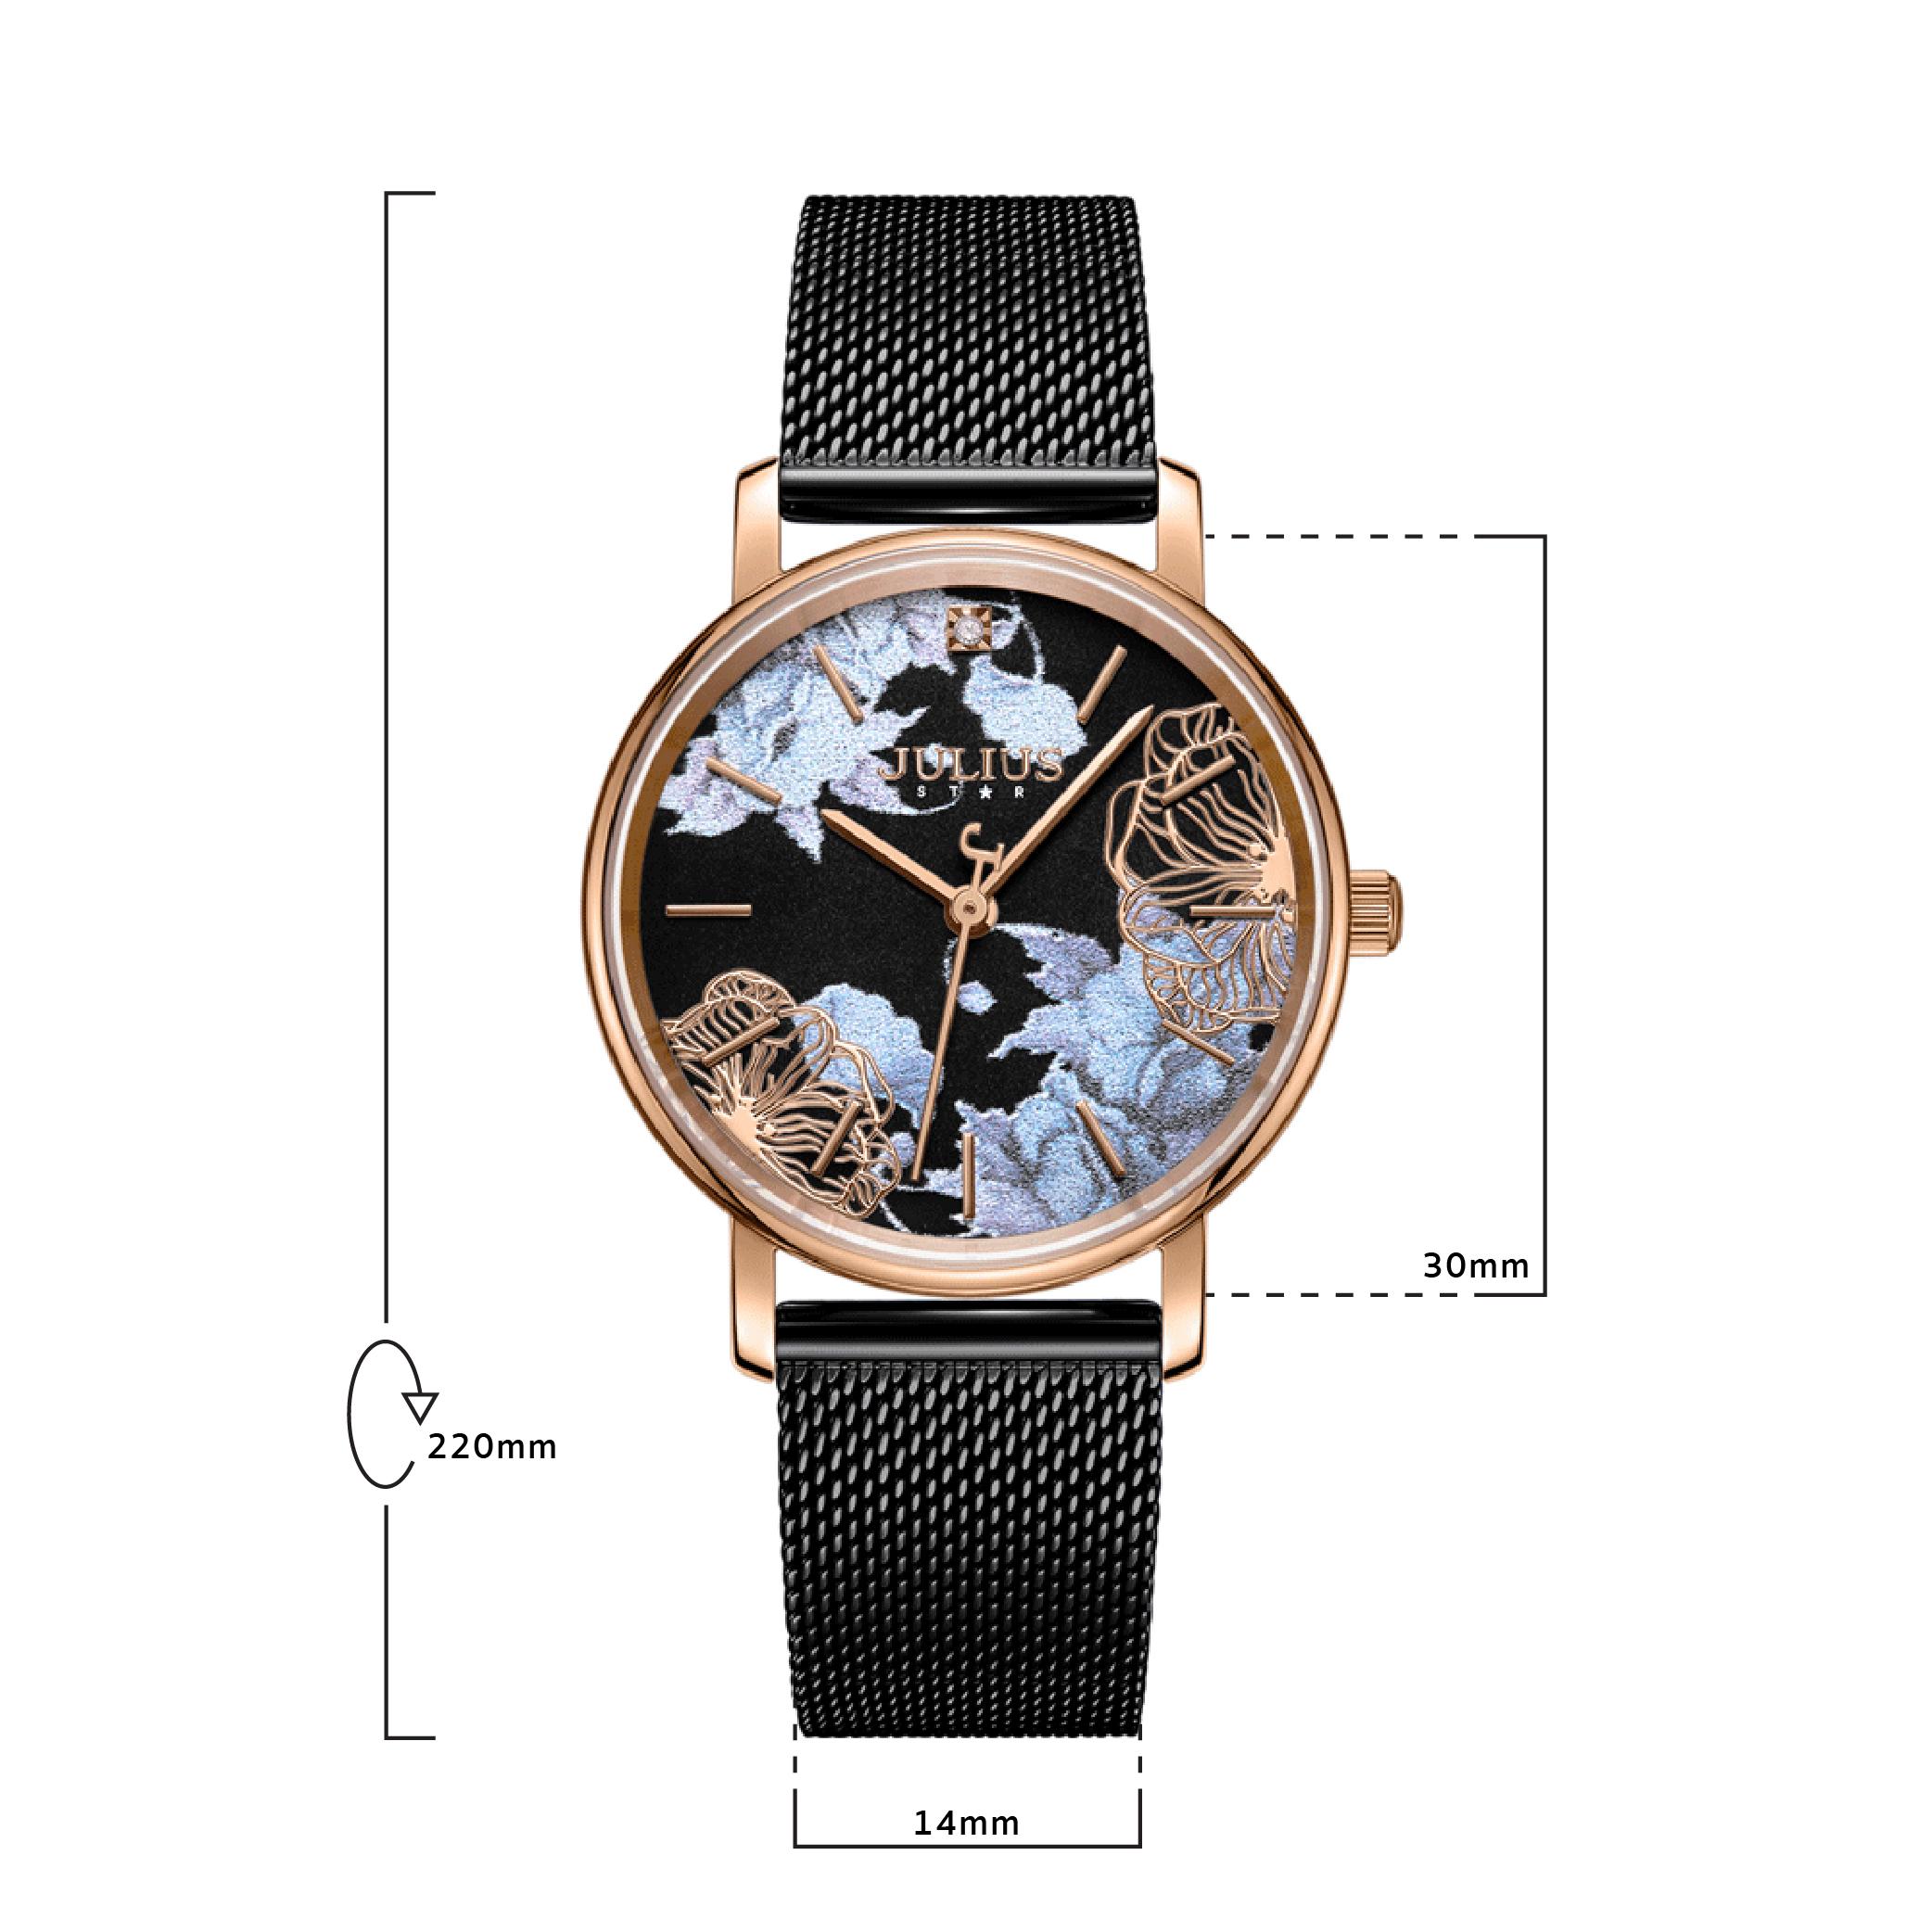 นาฬิกาข้อมือผู้หญิง JULIUS STAR 033C